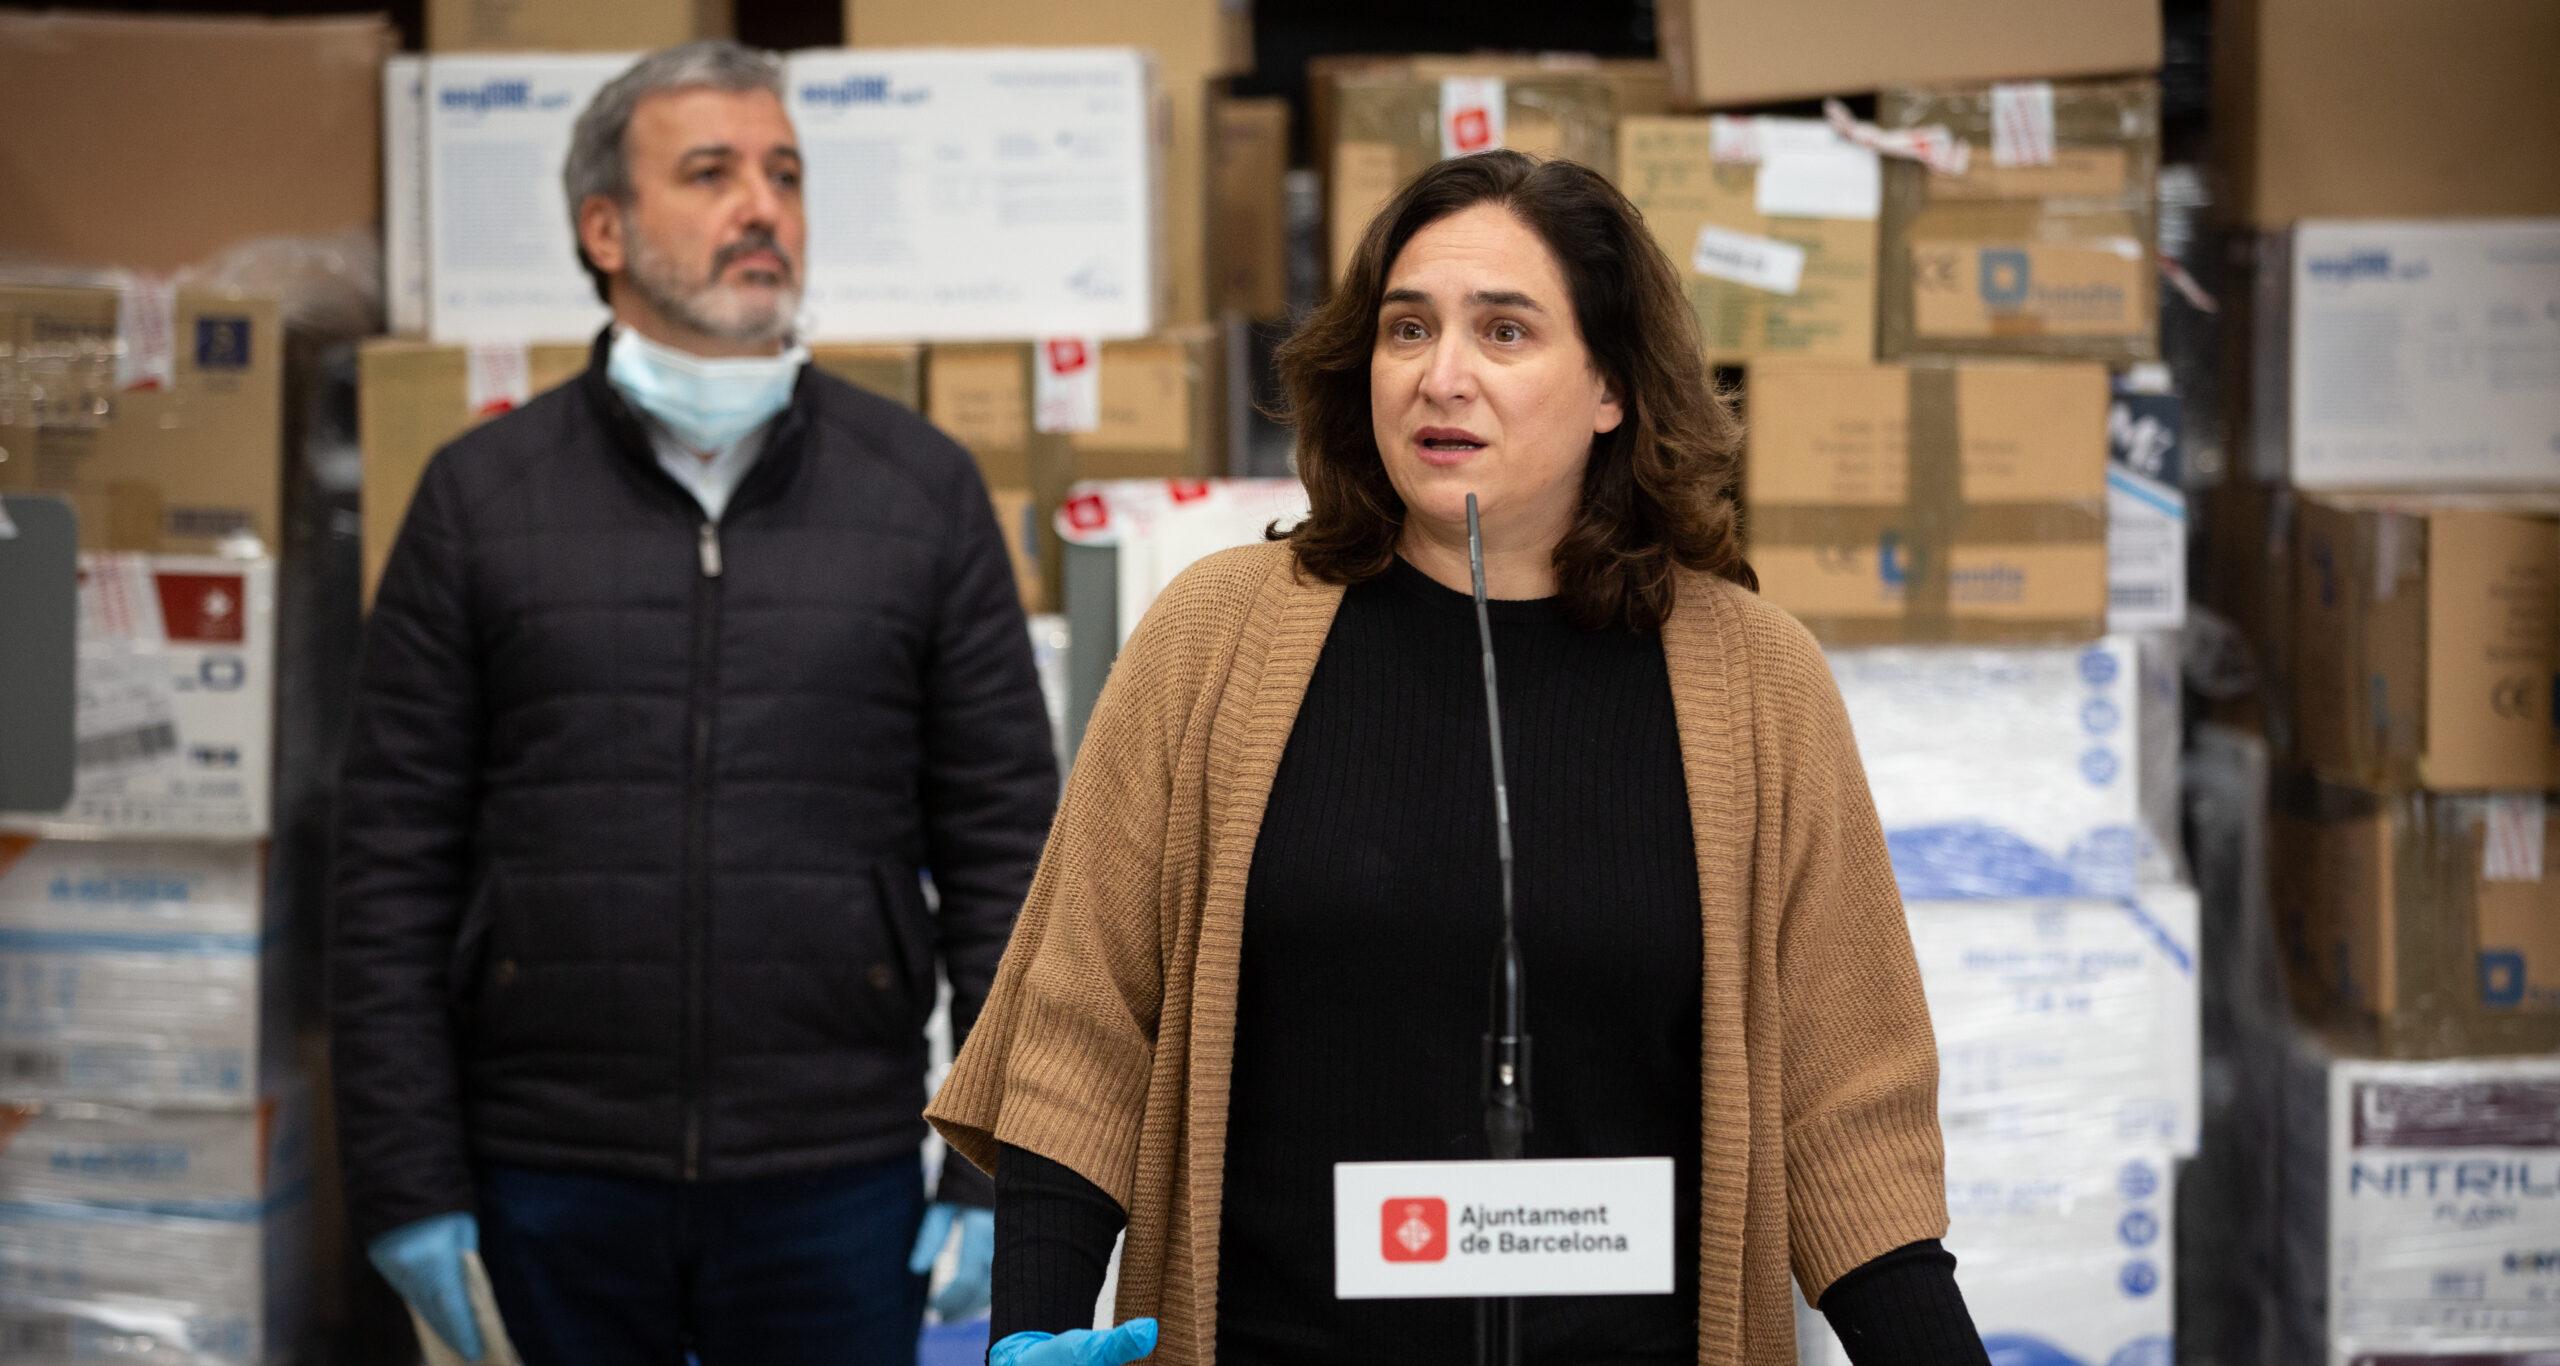 L'alcaldessa Ada Colau i el primer tinent d'alcaldia Jaume Collboni, en imatge d'arxiu / David Zorrakino (Europa Press)